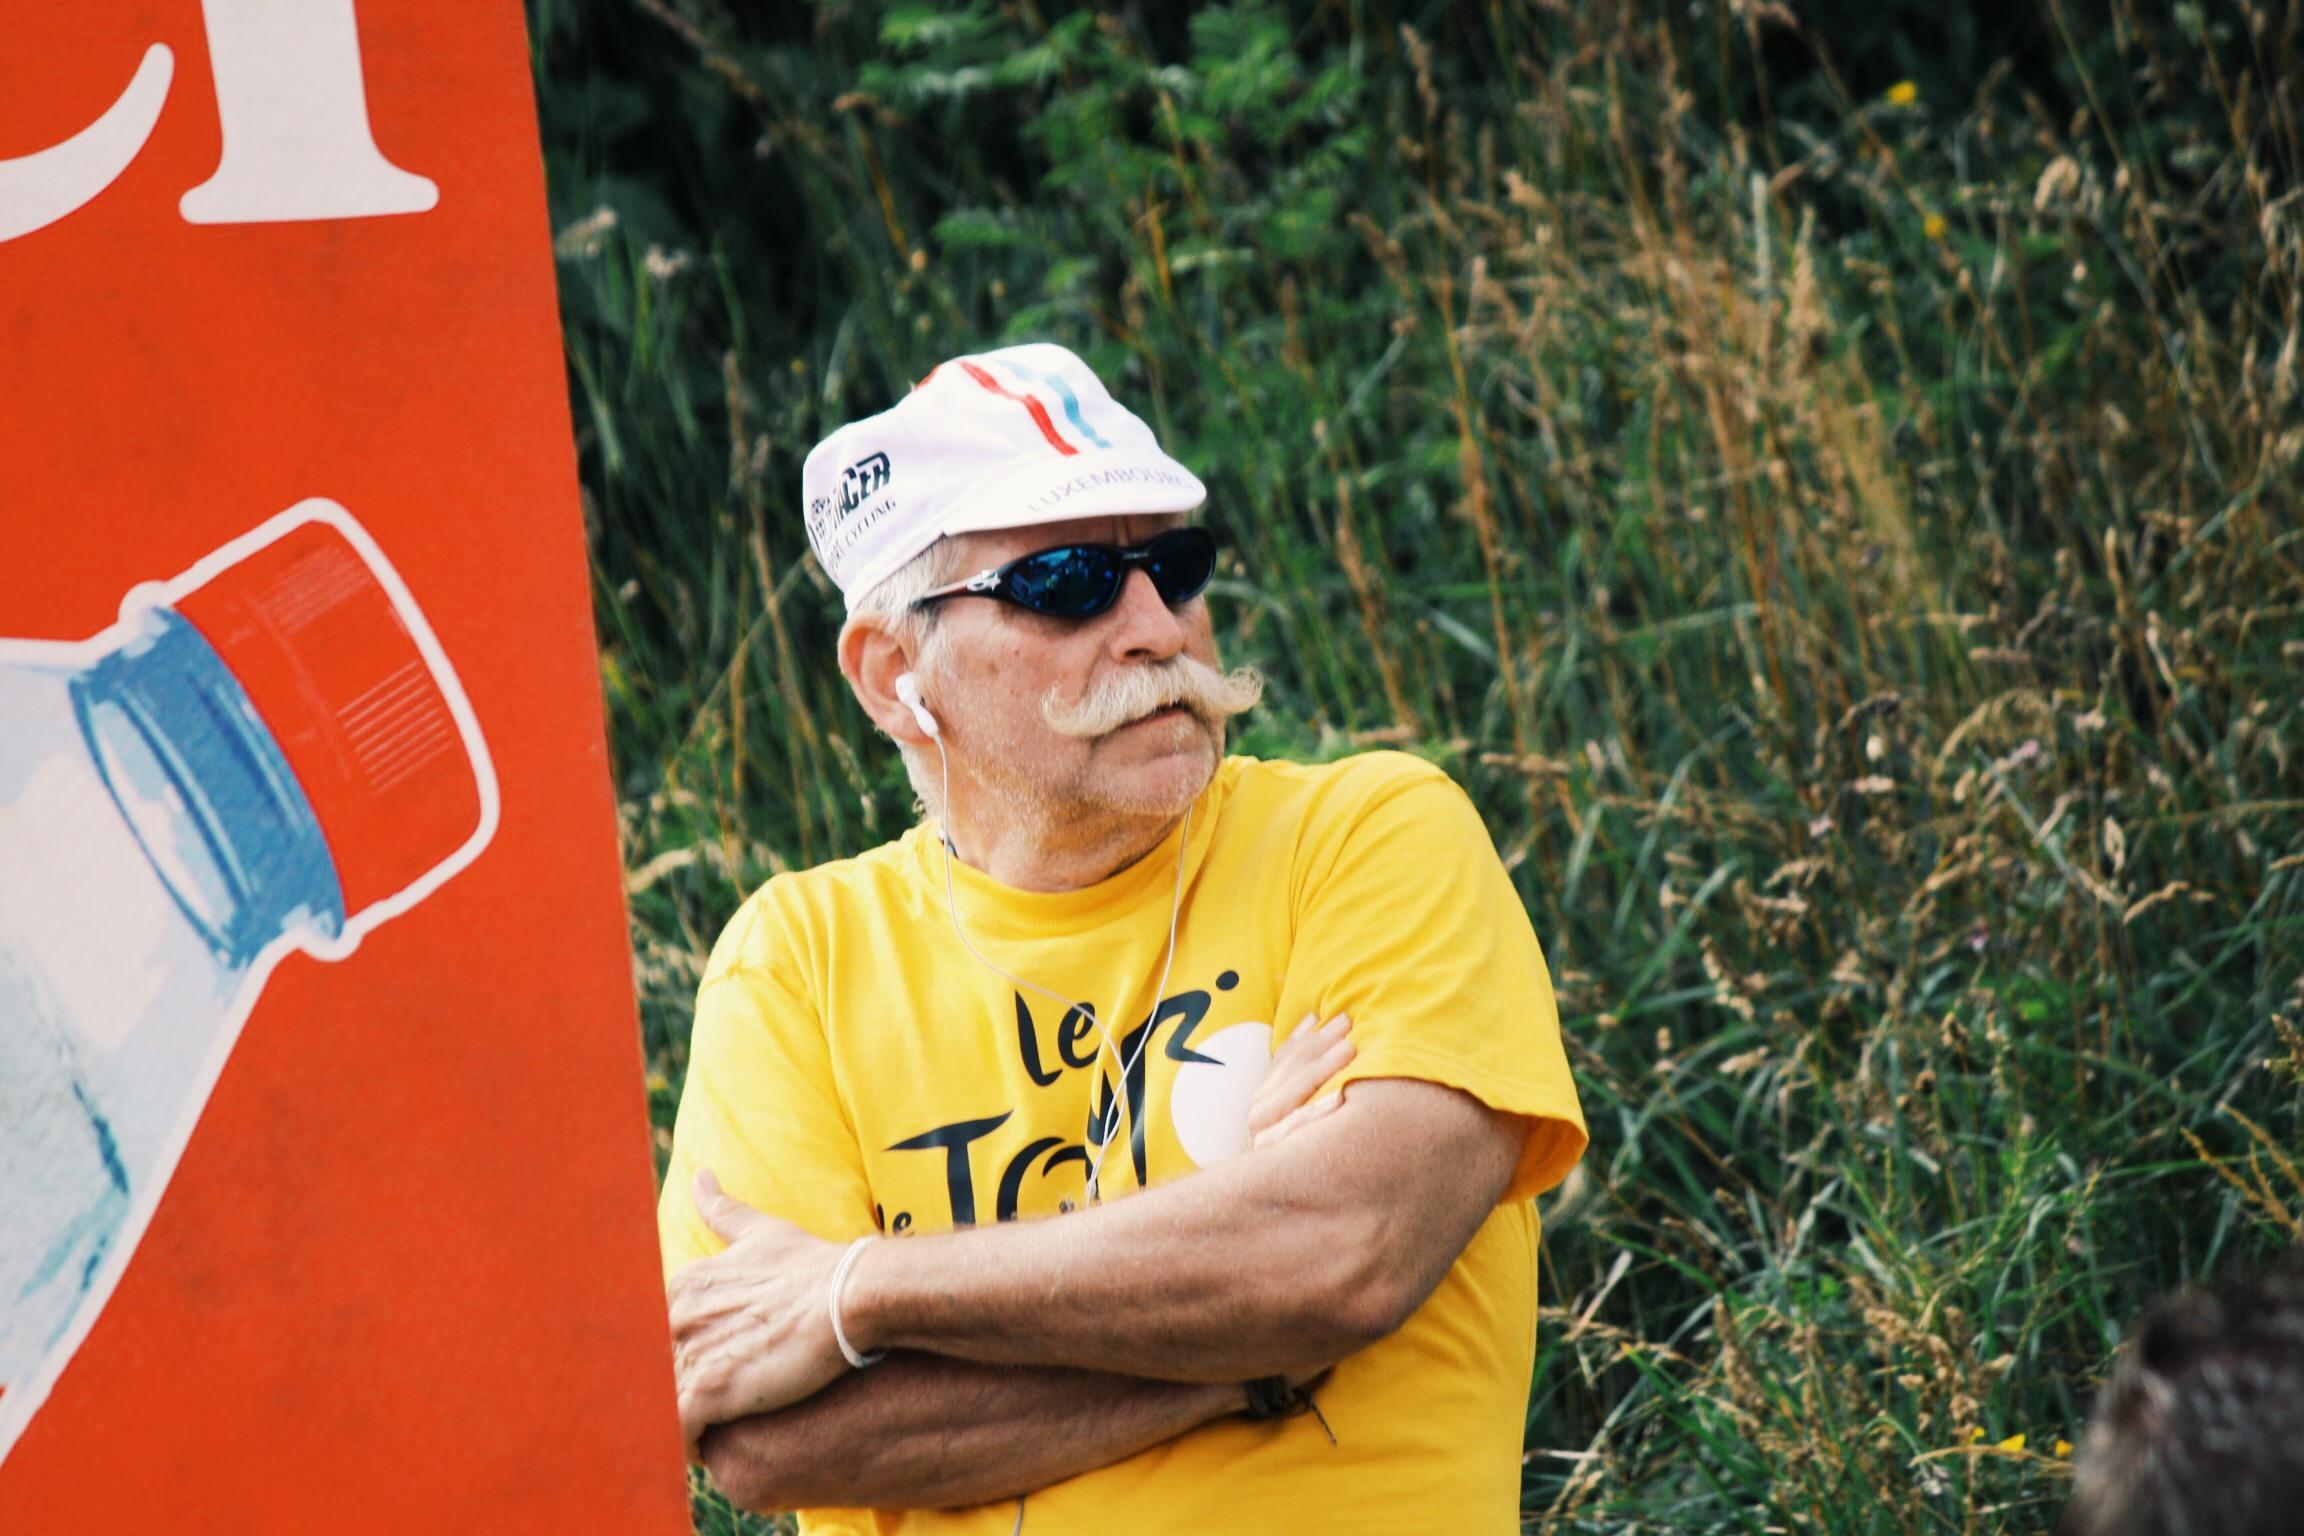 Moustache Tour de France